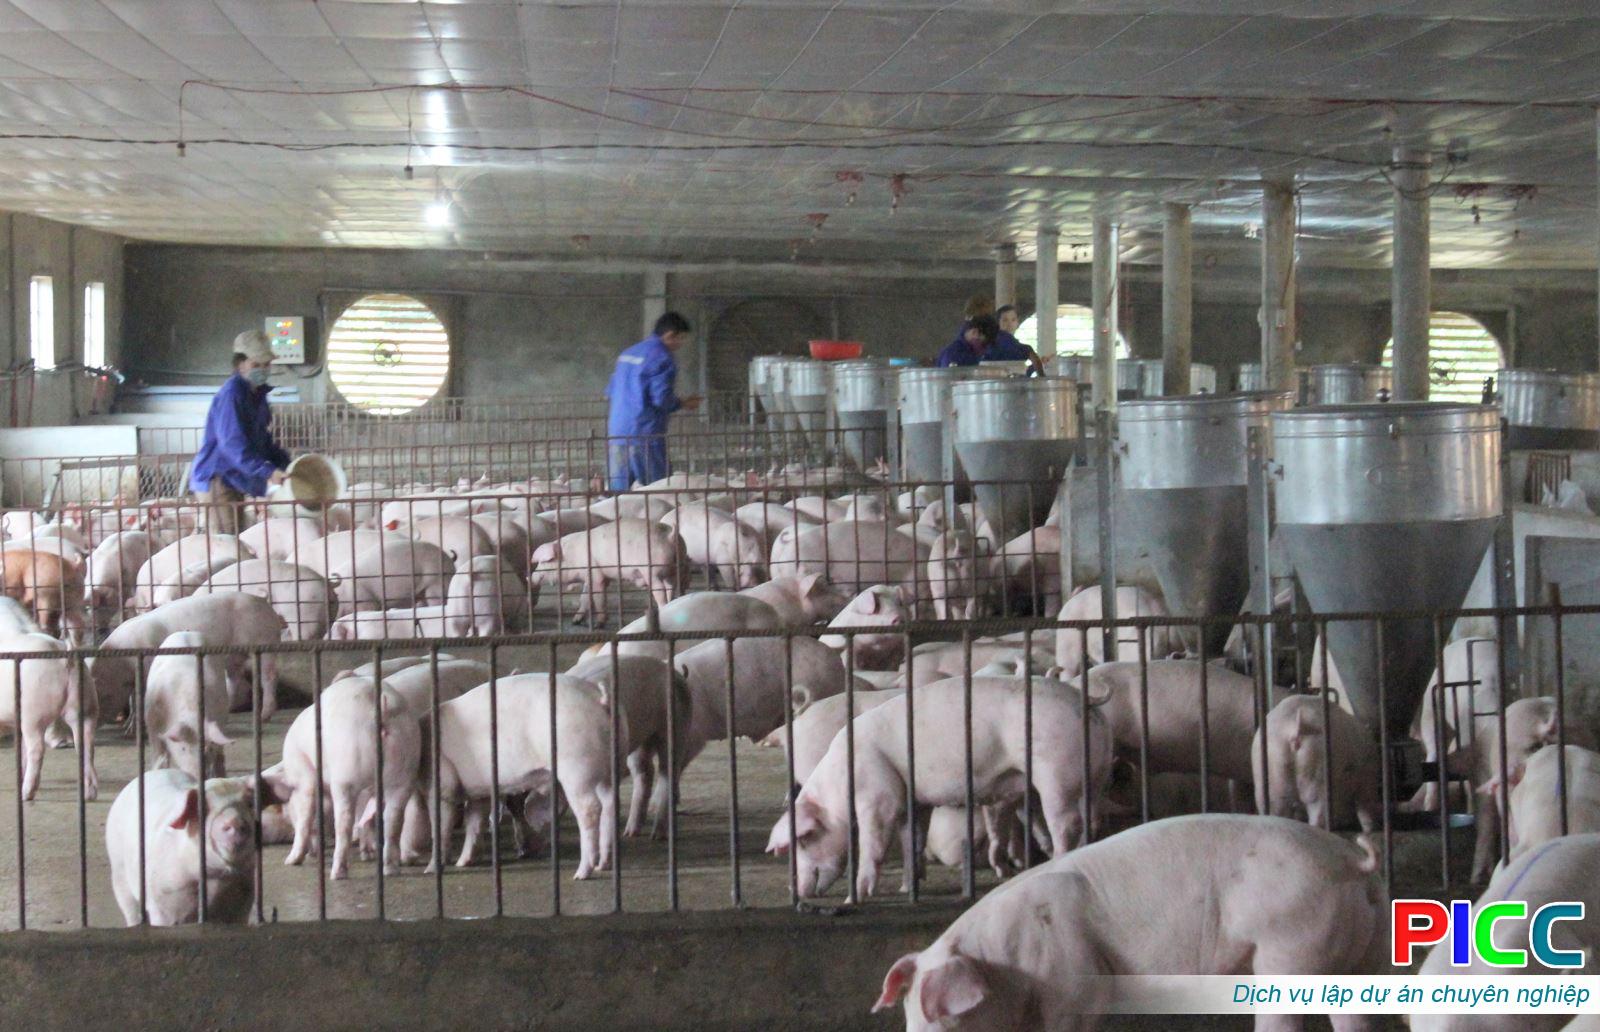 Trang trại Tổ hợp chăn nuôi gia súc theo hướng công nghiệp sạch